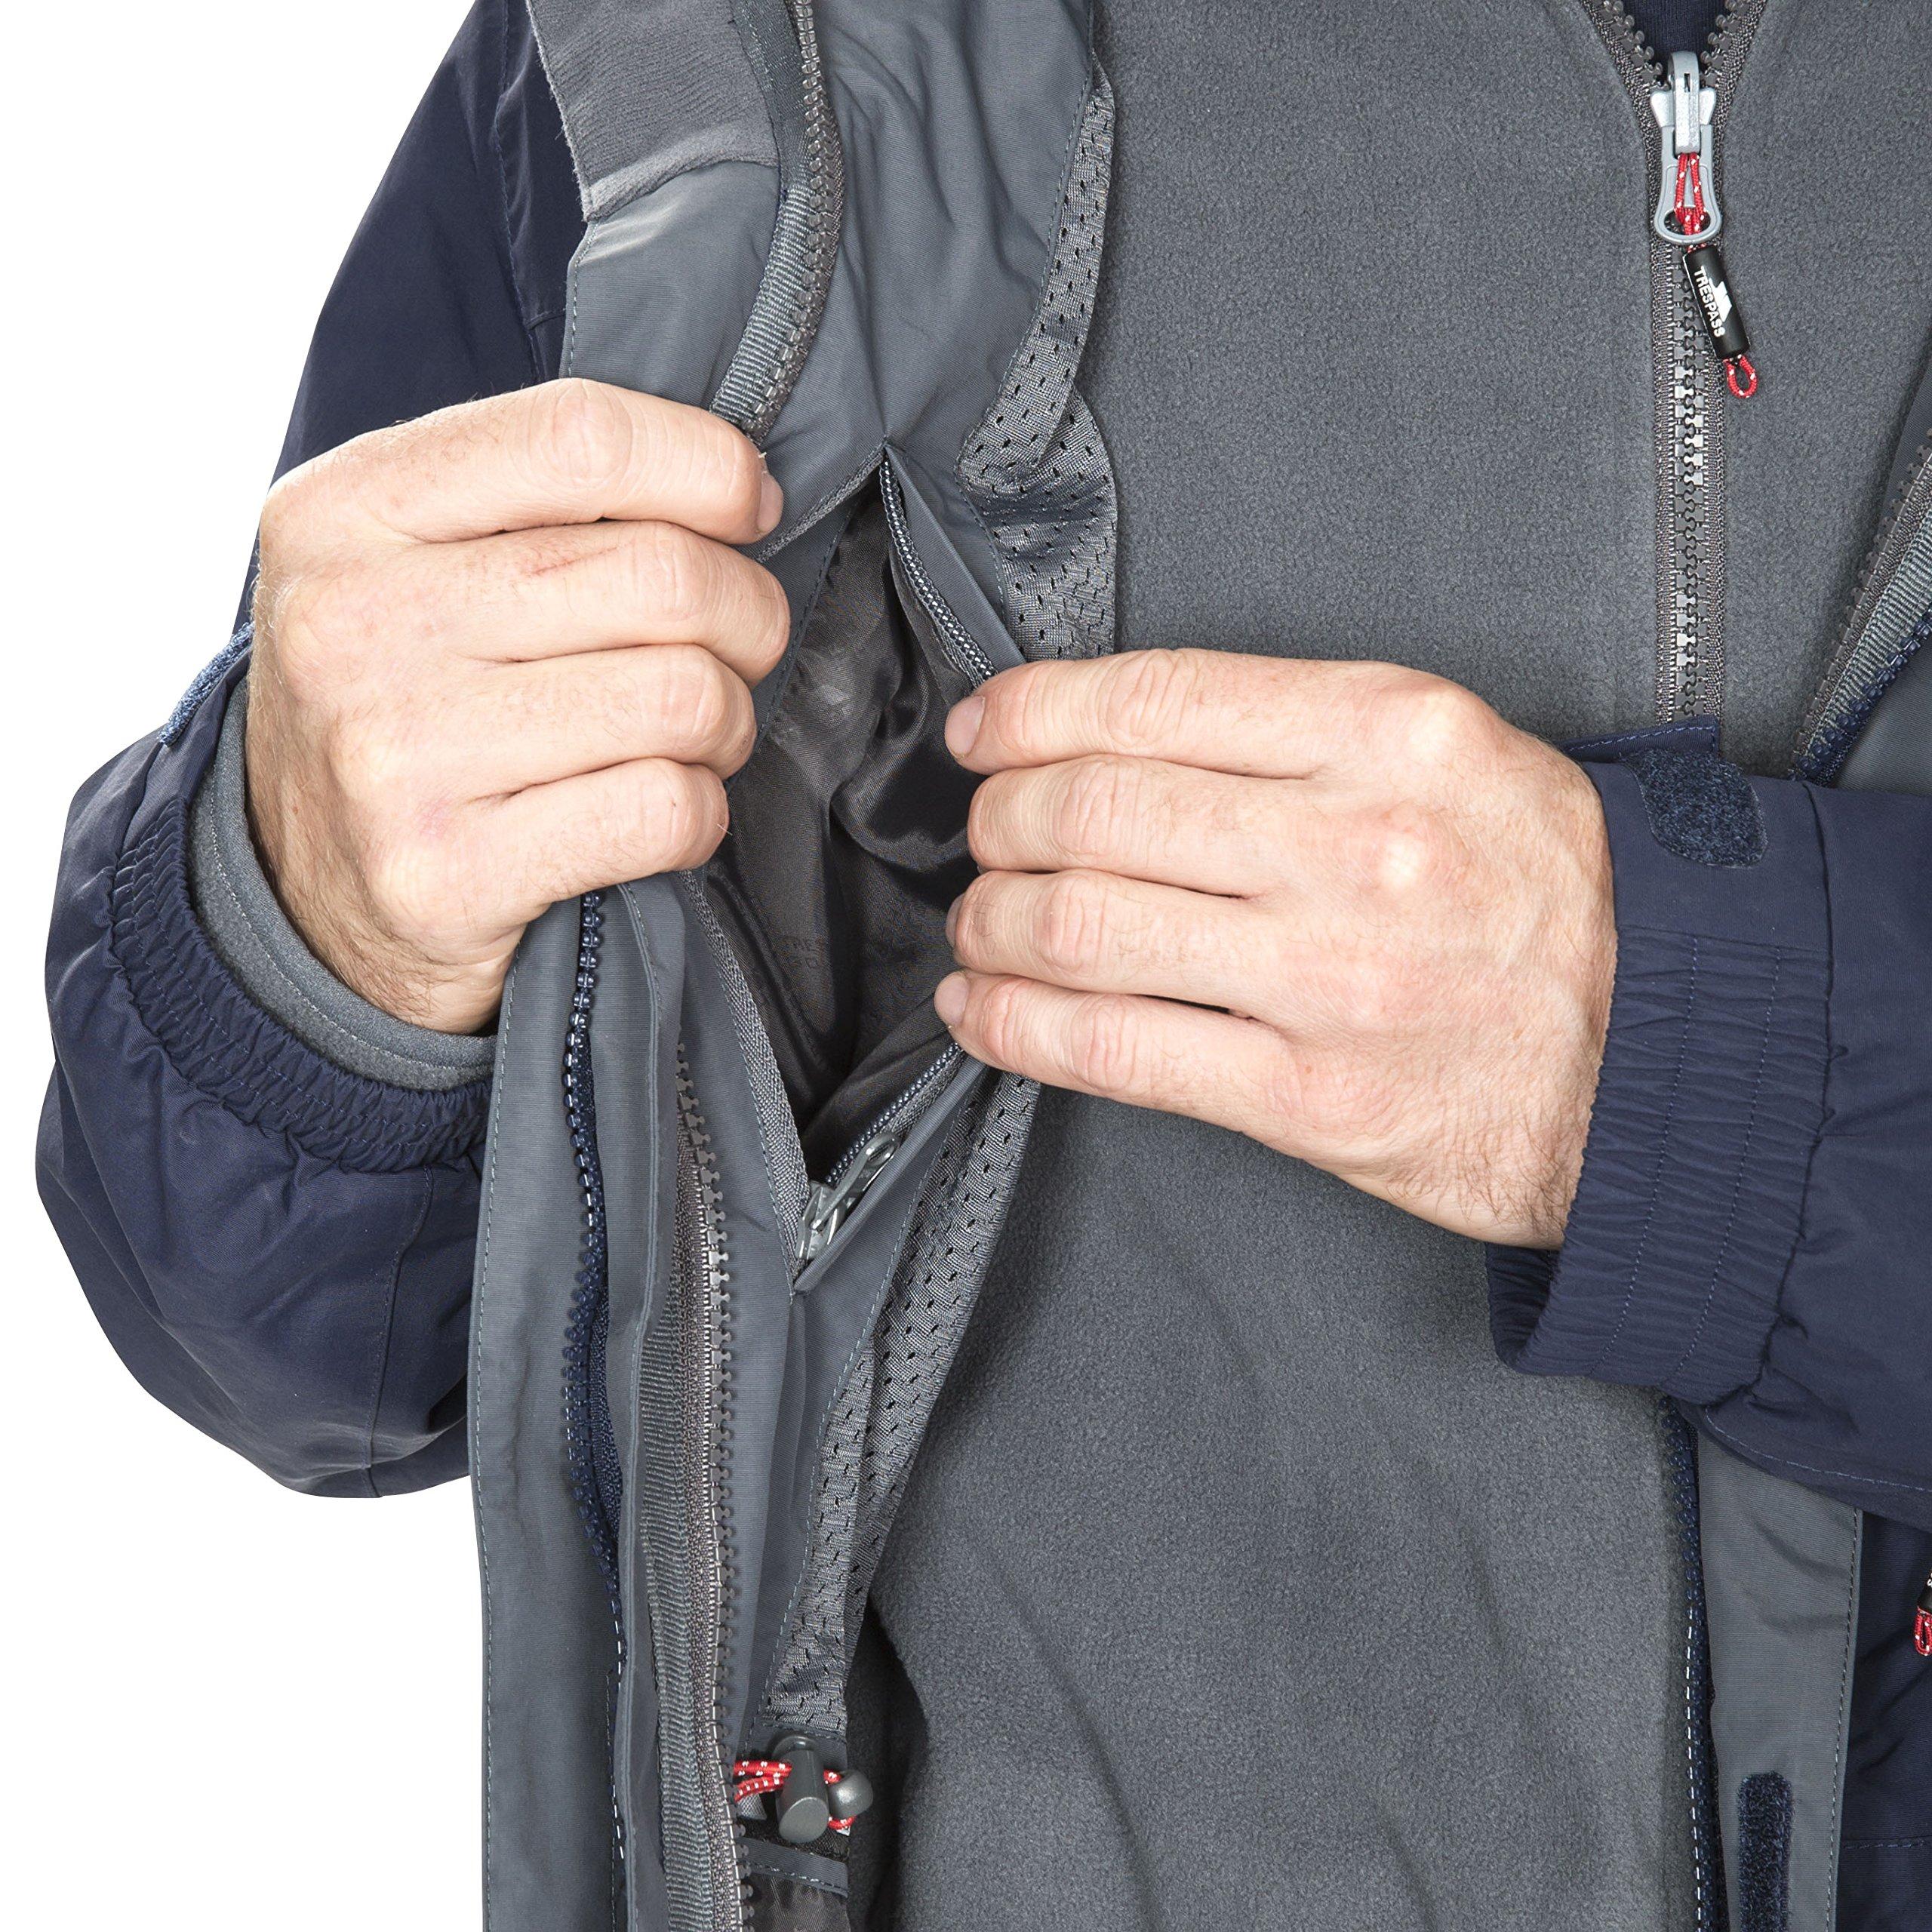 Funktionsjacke herausnehmbare Innenjacke aus Fleece f/ür Herren, Wetterjacke mit Kapuze Trespass Edgewater II Wasserdichte 3-in-1 Regenjacke